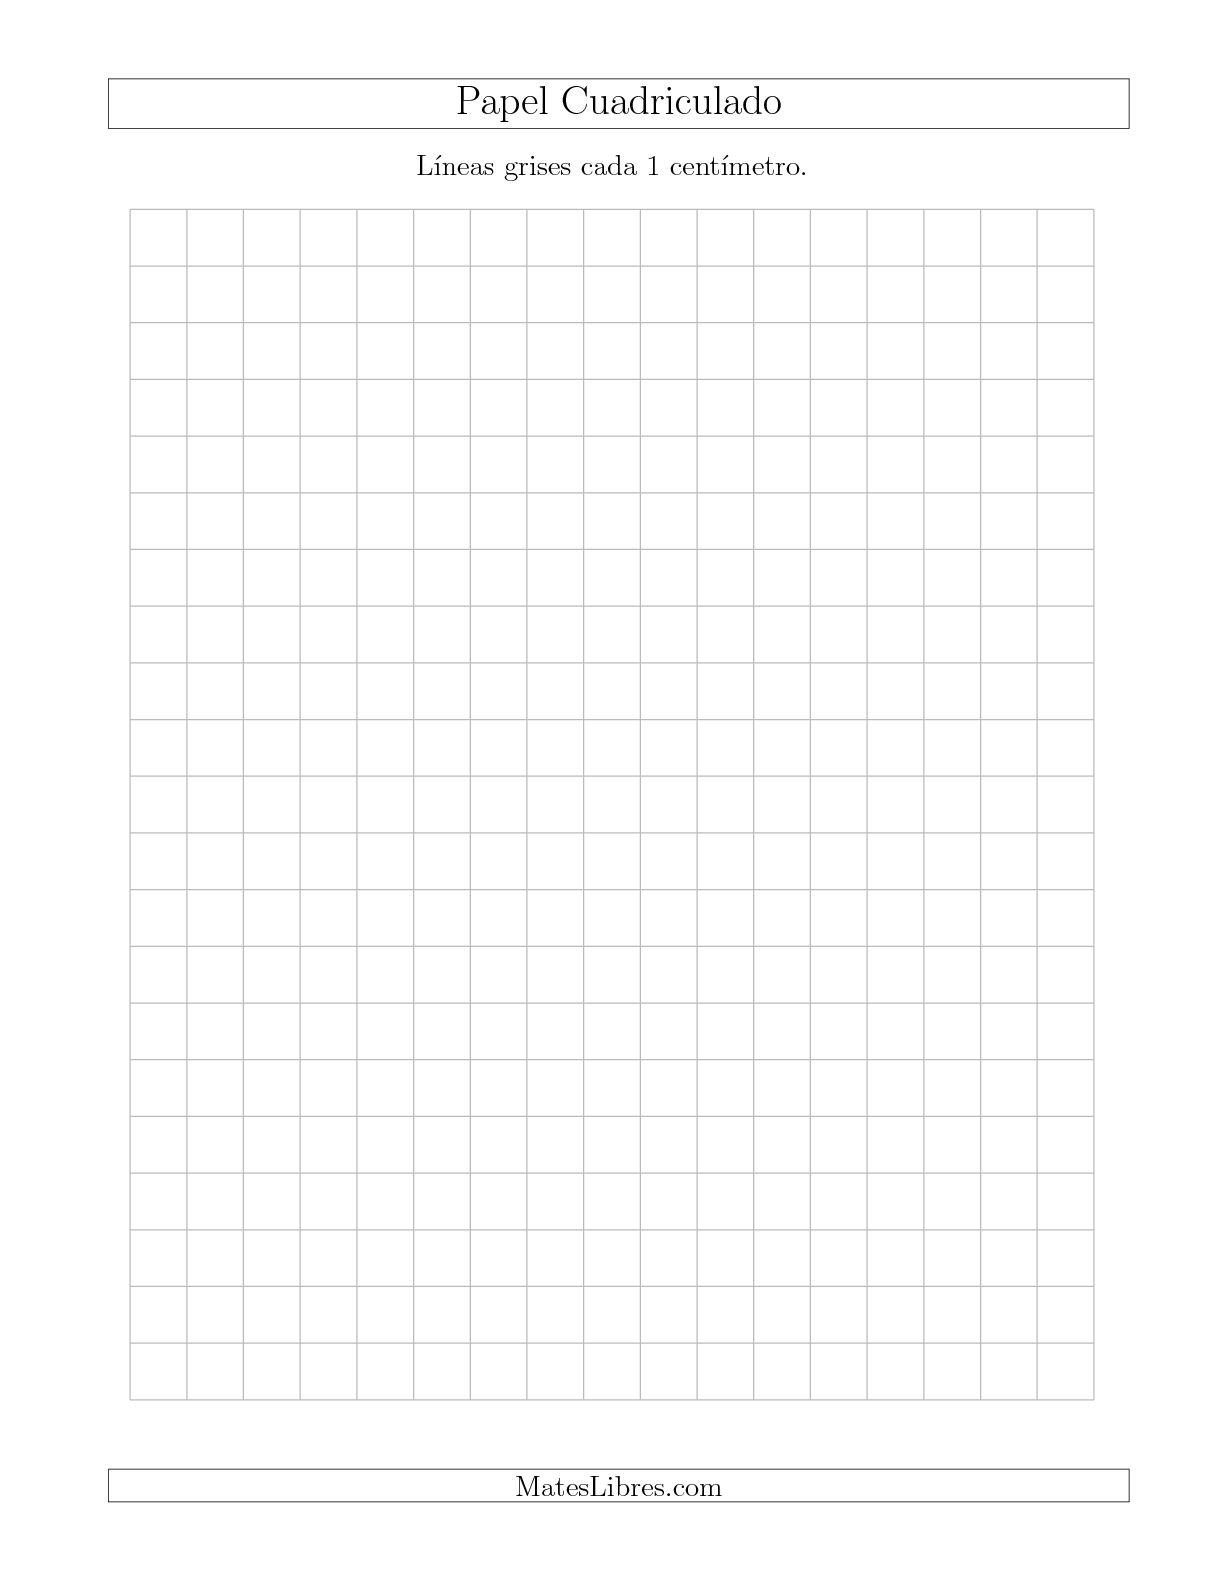 La Papel Cuadriculado con Líneas Grises cada 1cm, Tamaño de Papel Carta Hojas de Papel Cuadriculado